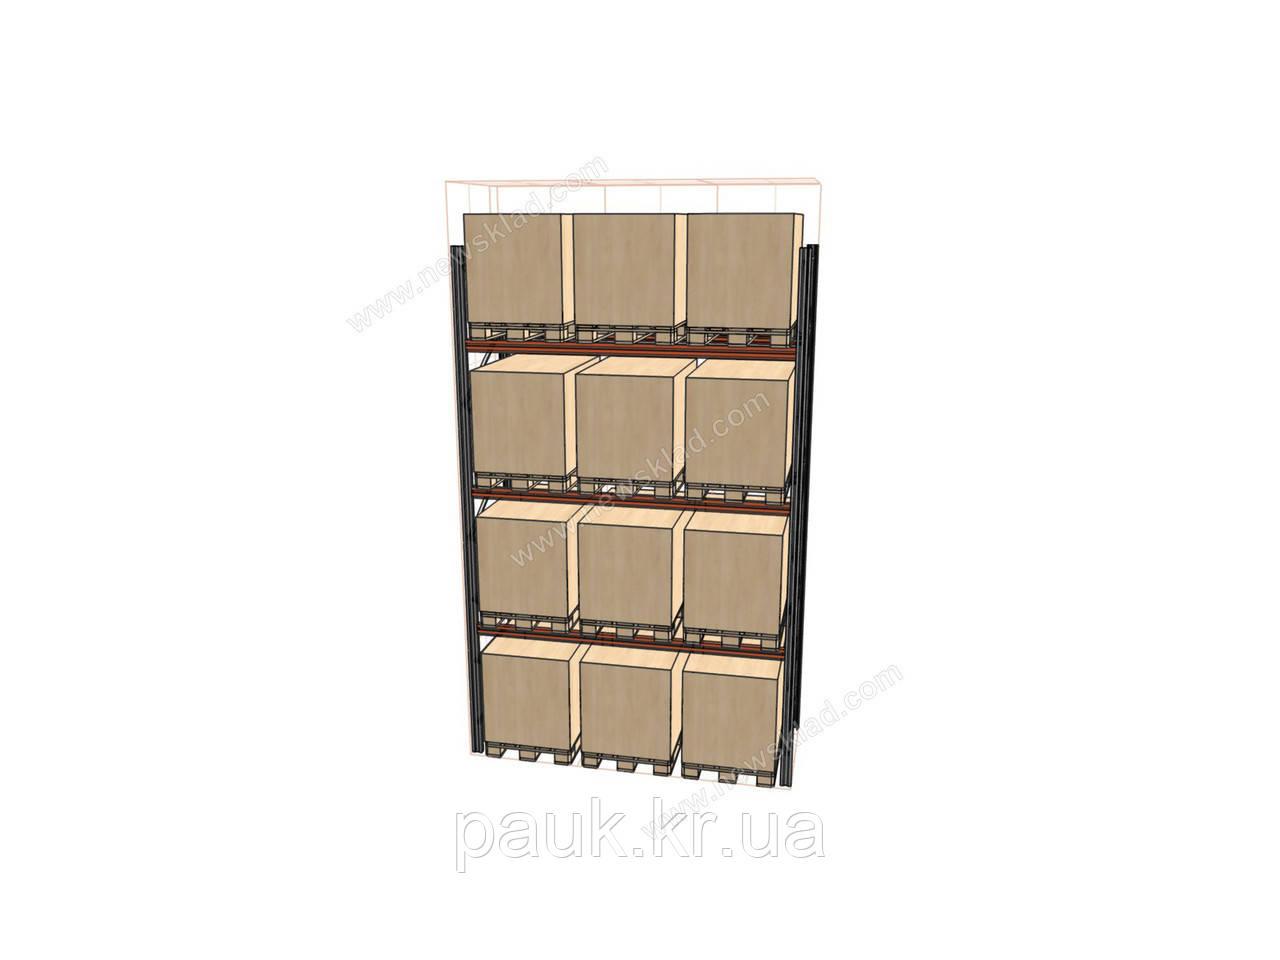 Фронтальный паллетный стеллаж Н4500хL2700х1100 мм(пол.+3 уровня по 3000 кг на уровень), складской стеллаж